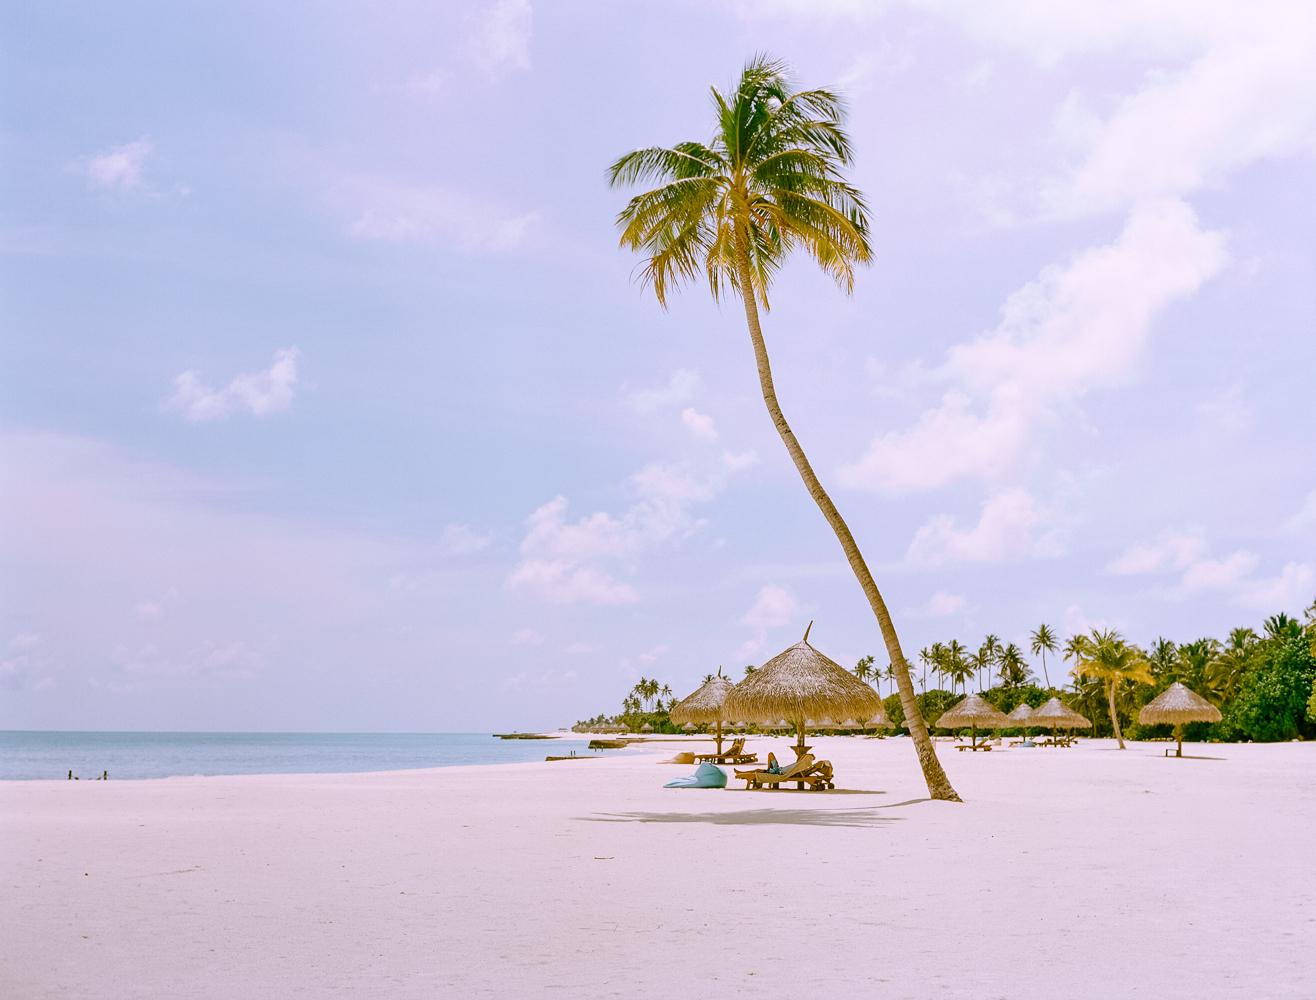 playa-de-lujo-en-maldivas-2